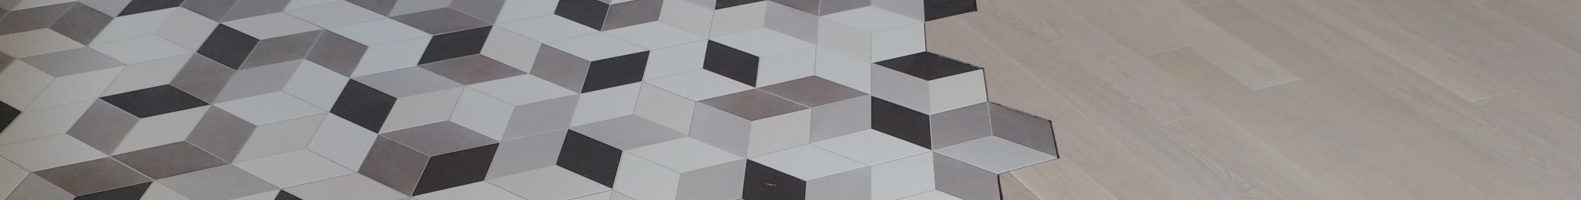 Płytki heksagony połączone z panelami